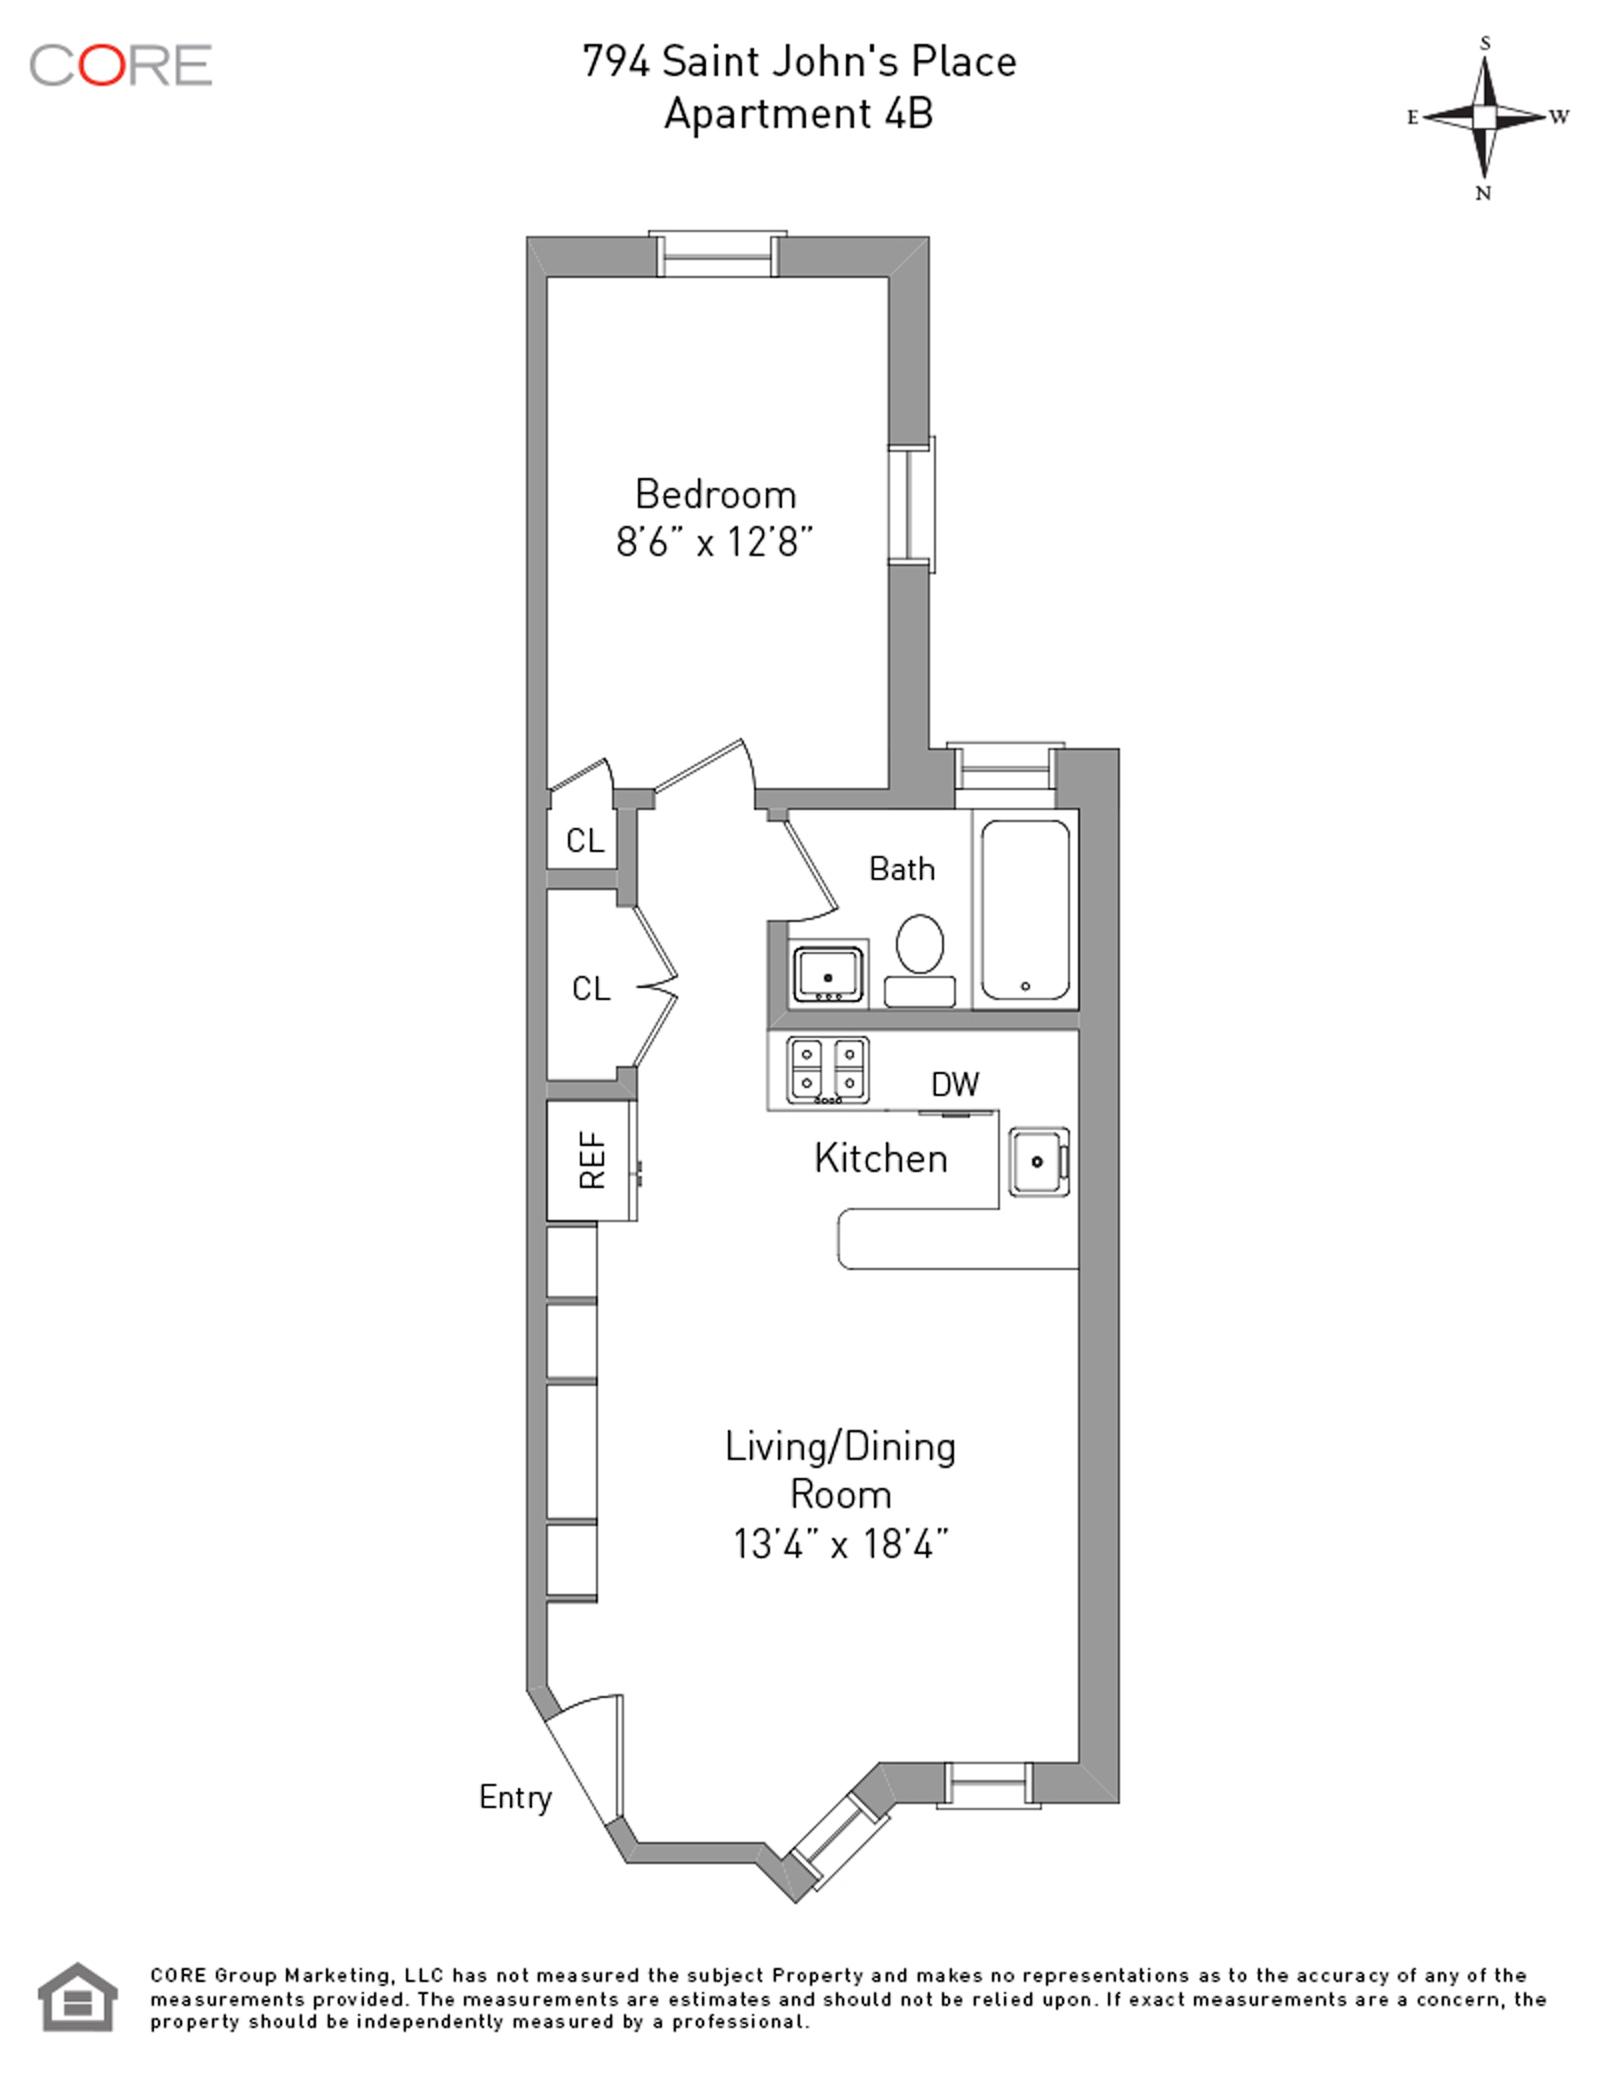 794 Saint Johns Place 4B, Brooklyn, NY 11216